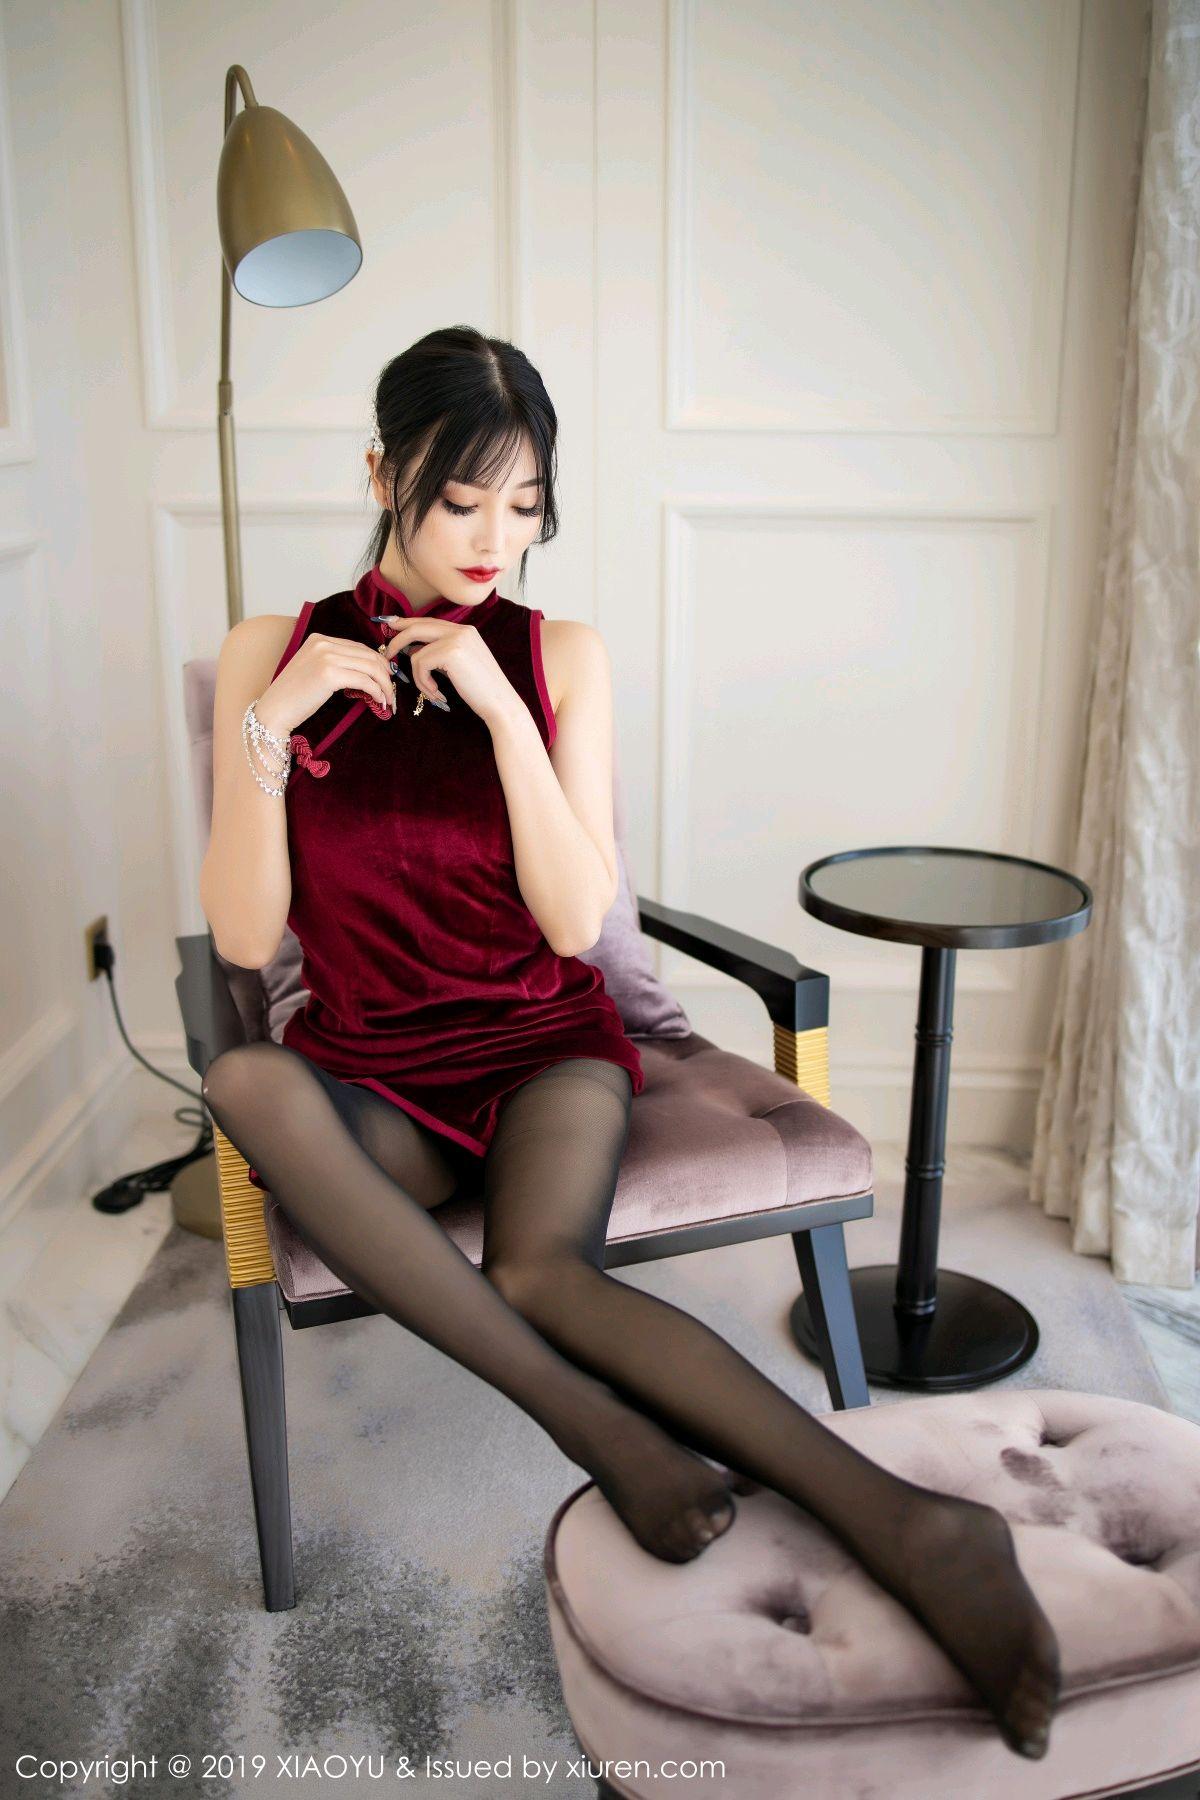 [XiaoYu] Vol.152 Yang Chen Chen 19P, Black Silk, Cheongsam, Tall, XiaoYu, Yang Chen Chen